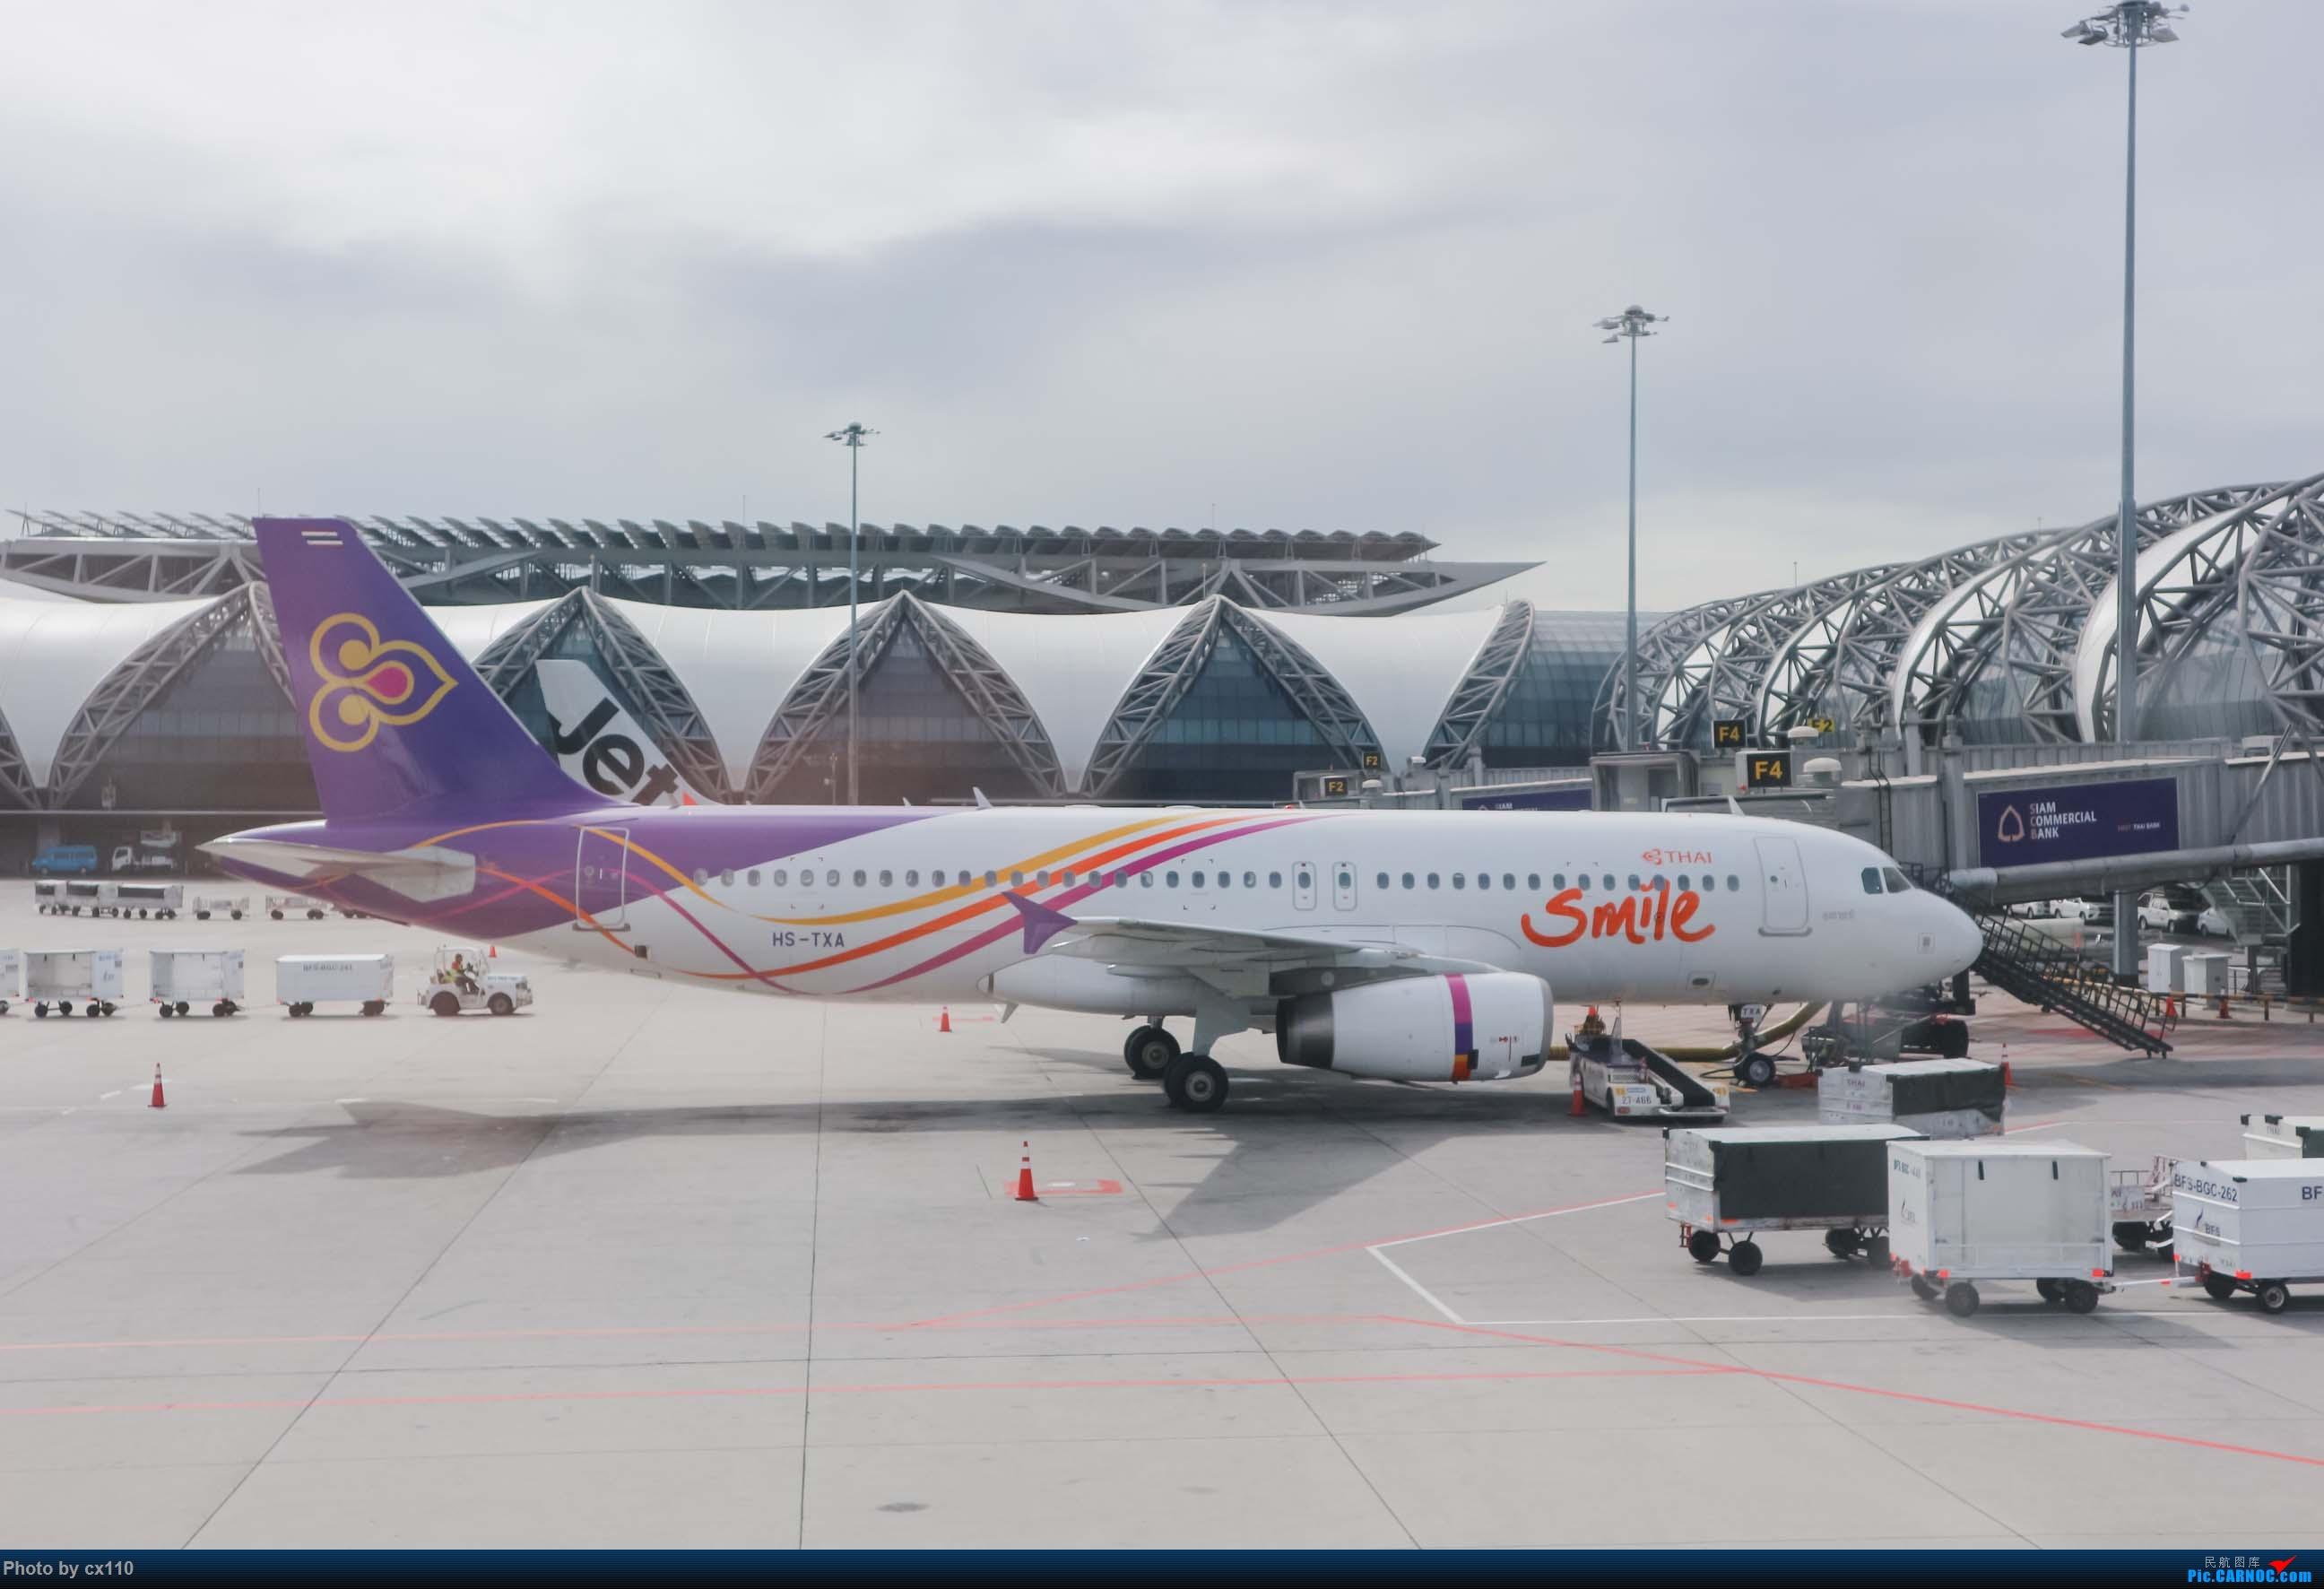 Re:[原创]欧洲机场拍机记-柏林/赫尔辛基/布拉格 AIRBUS A320-200 HS-TXA 泰国曼谷素万那普国际机场